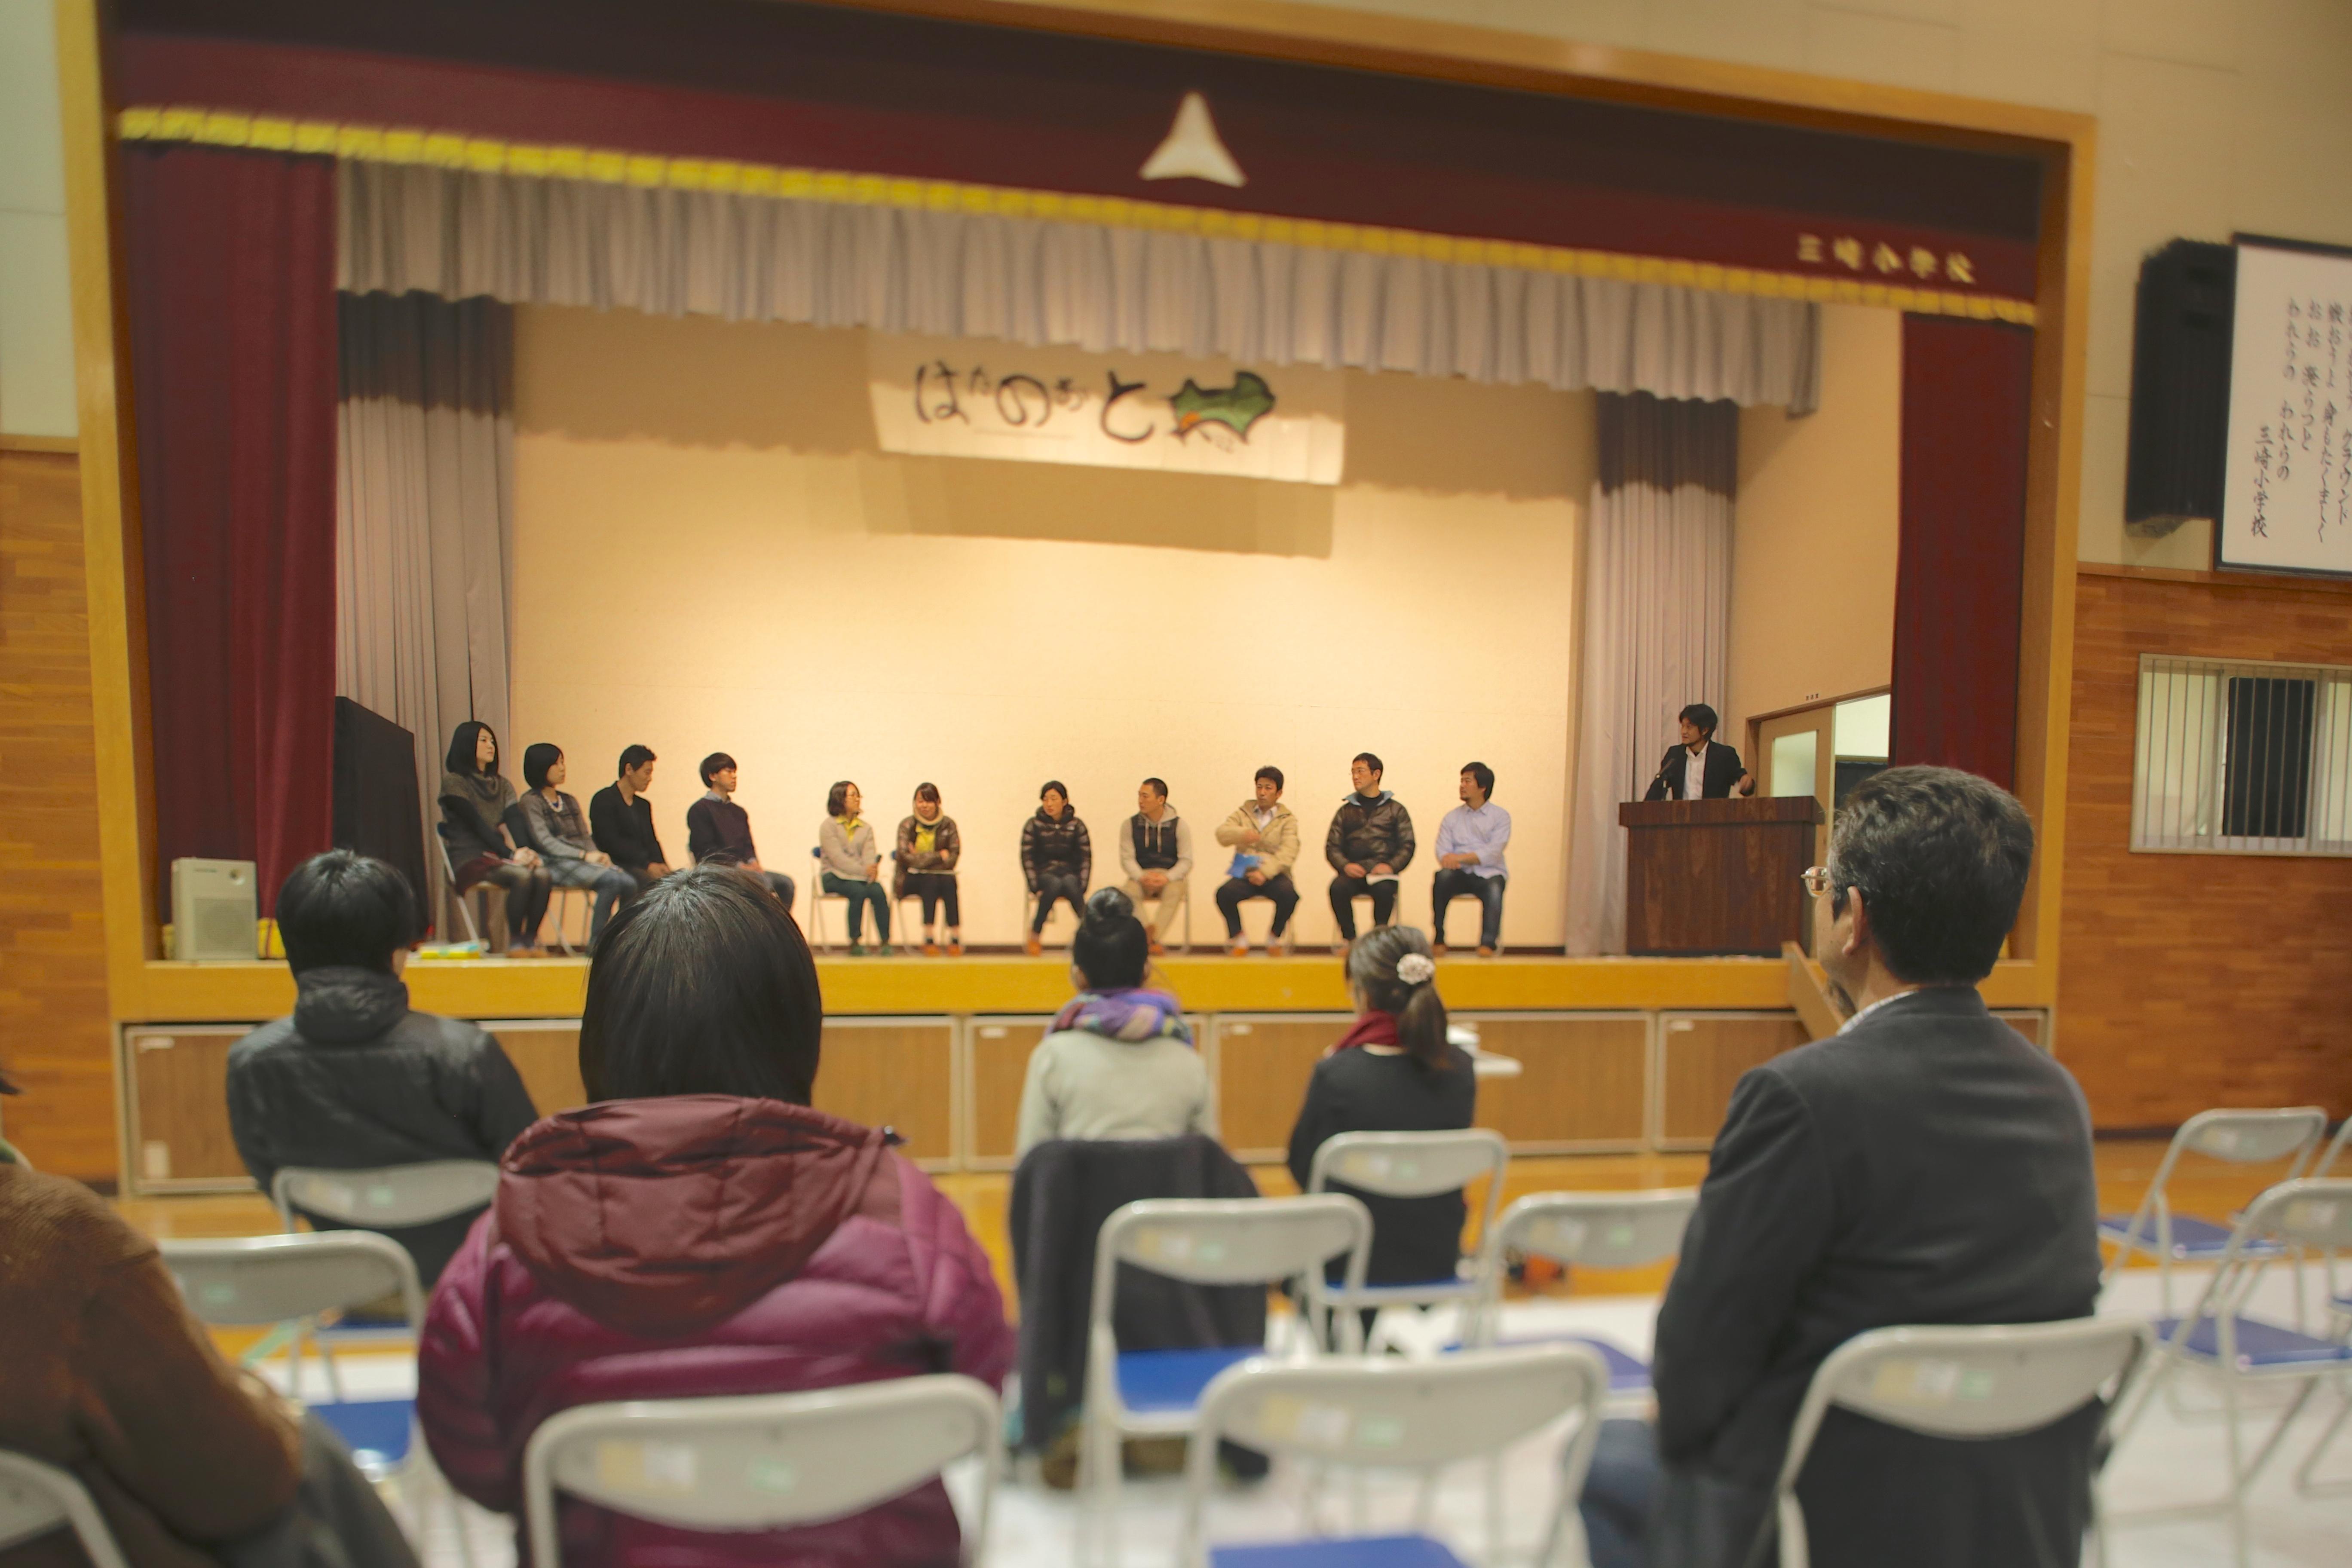 土佐清水市で開催された「はたのおと2014」に参加しました